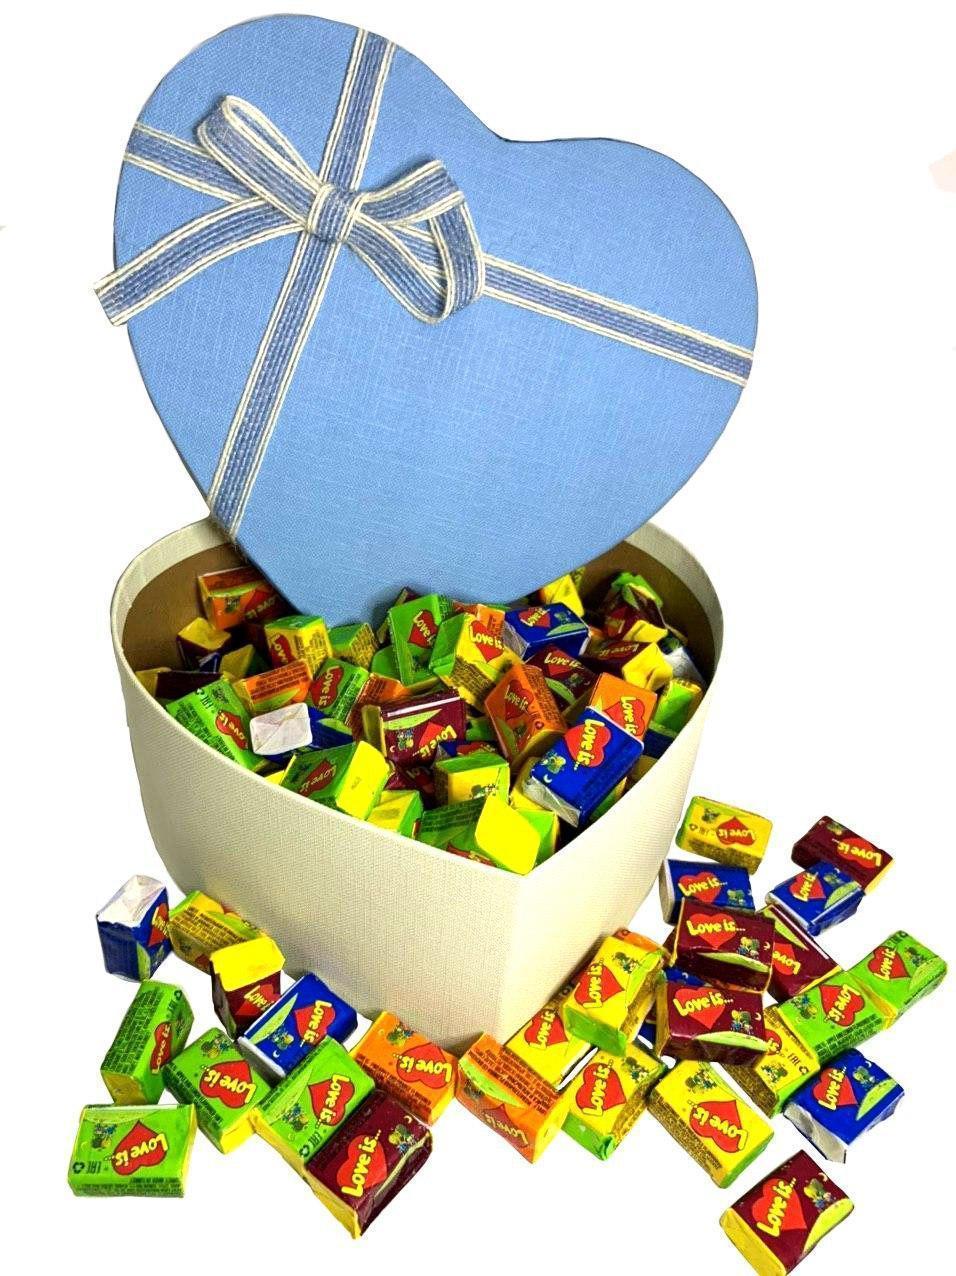 Купить Жевательная жвачка Love is, жвачки лове ис ассорти в подарочной упаковке 150 шт голубая